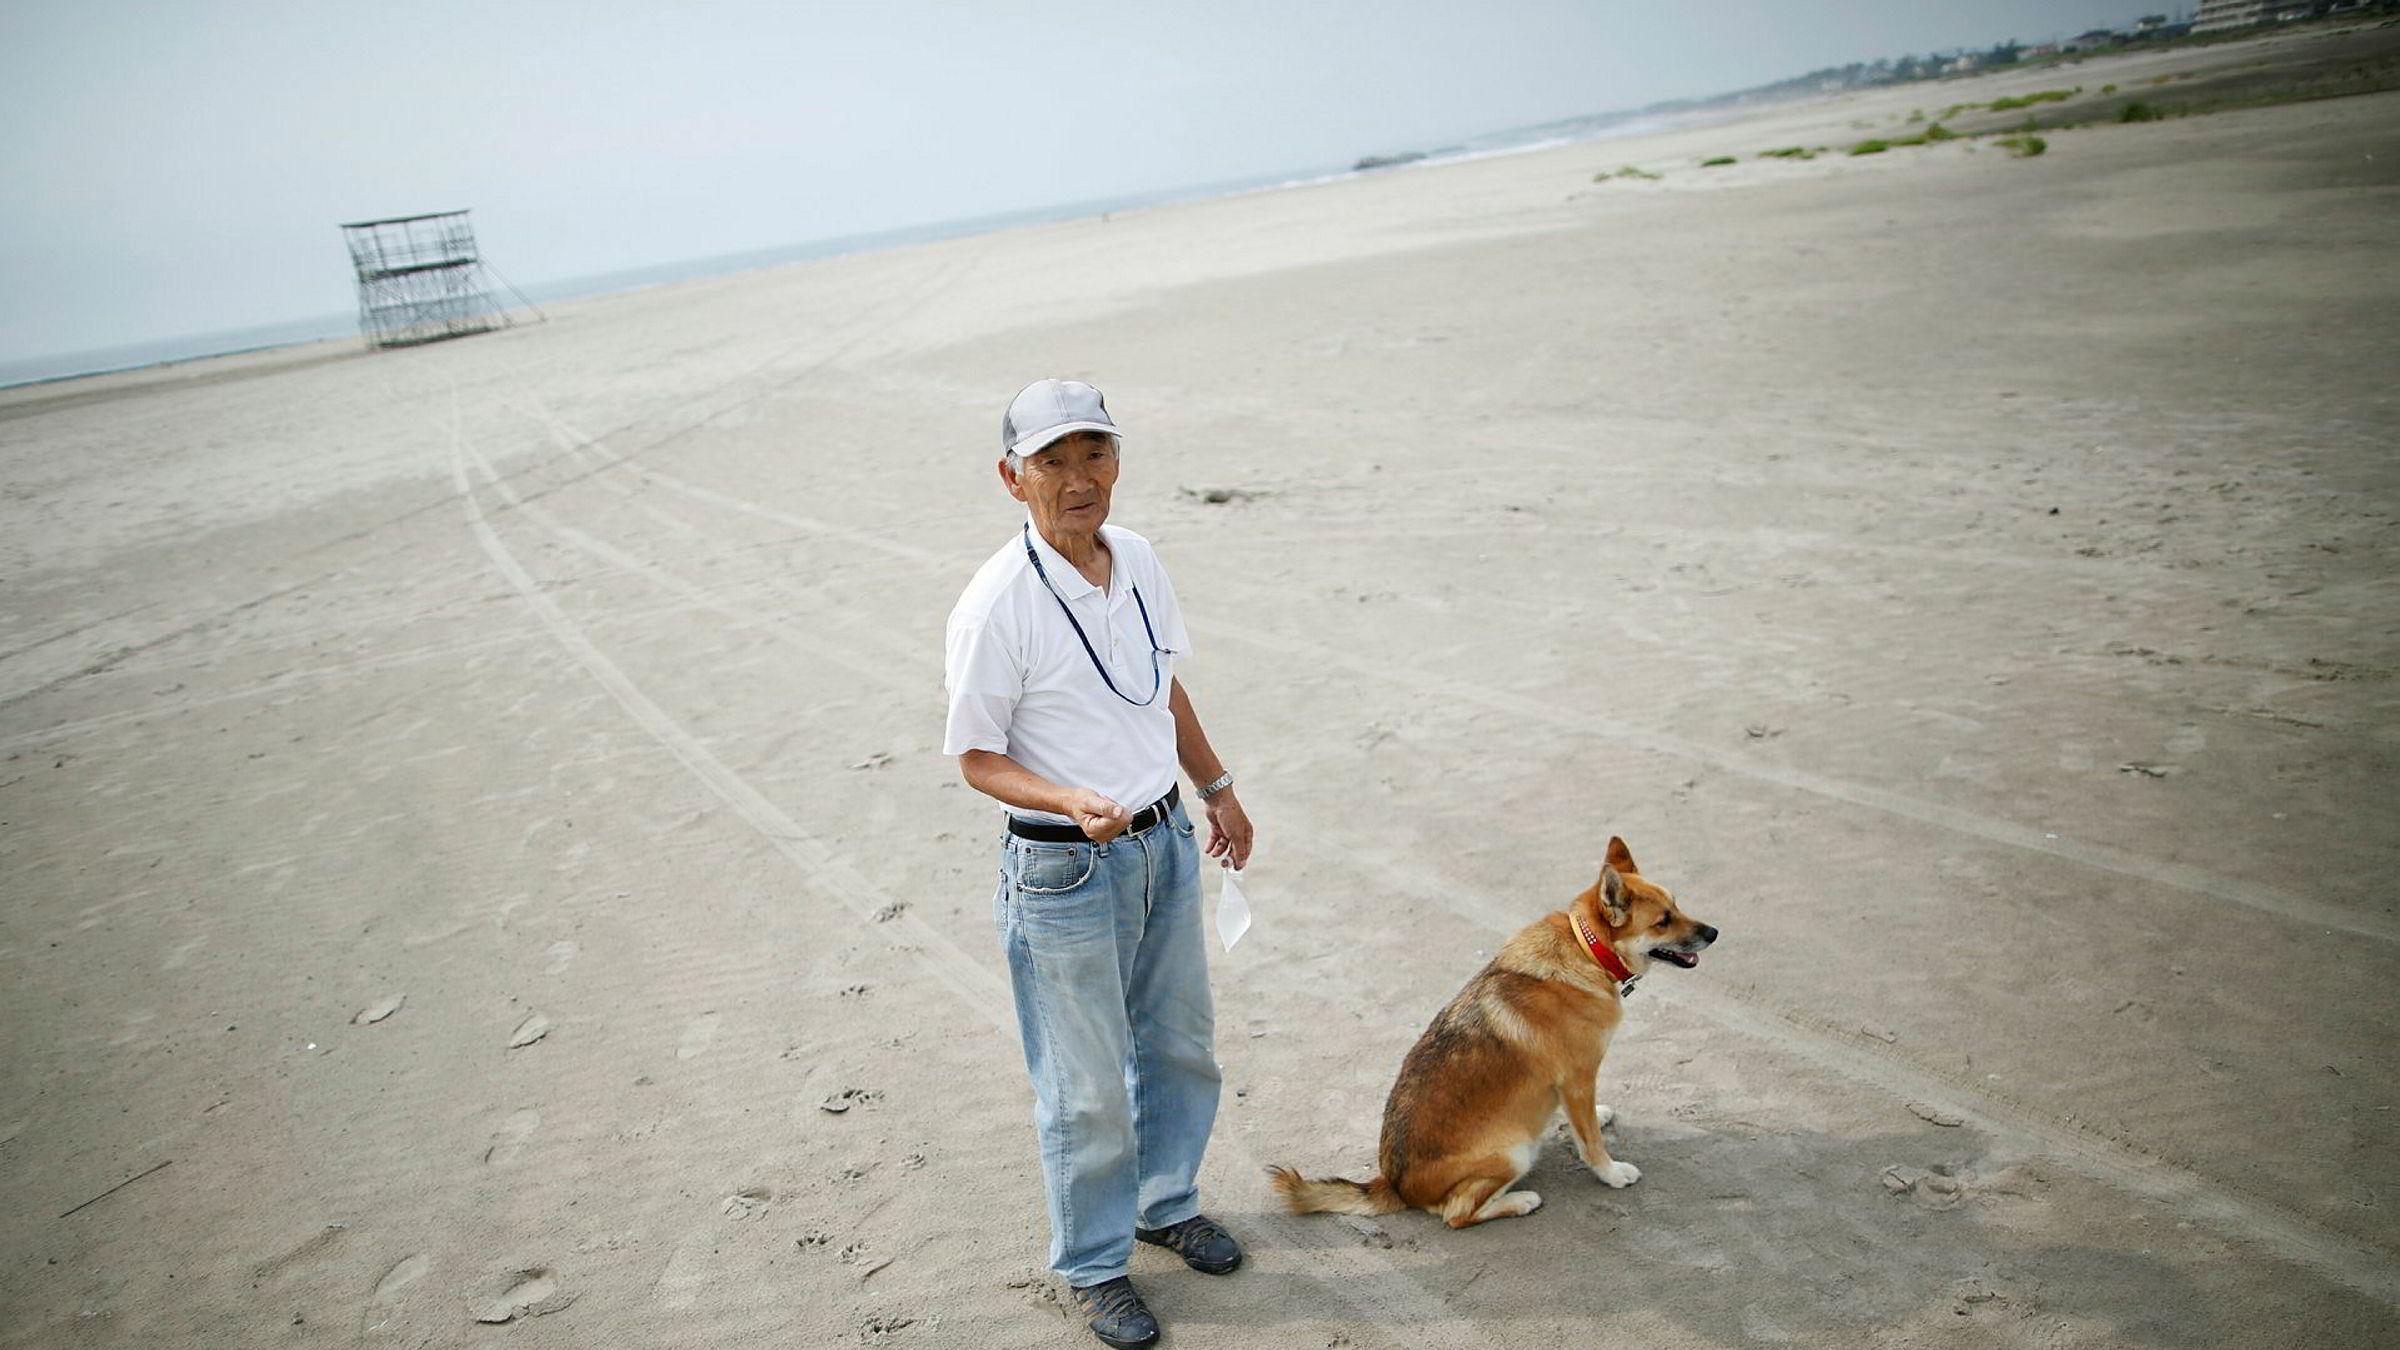 Forskere har målt høye nivåer av radioaktiv stråling på strender langt fra det ødelagte kjernekraftverket i Fukushima. På bildet ser vi lokal beboer Takeshi Takaki ( 71) og hans hund Marron på den tomme stranden Yotsukura 40 kilometer fra Fukushima. Denne stranden er ikke undersøkt av forskerne.